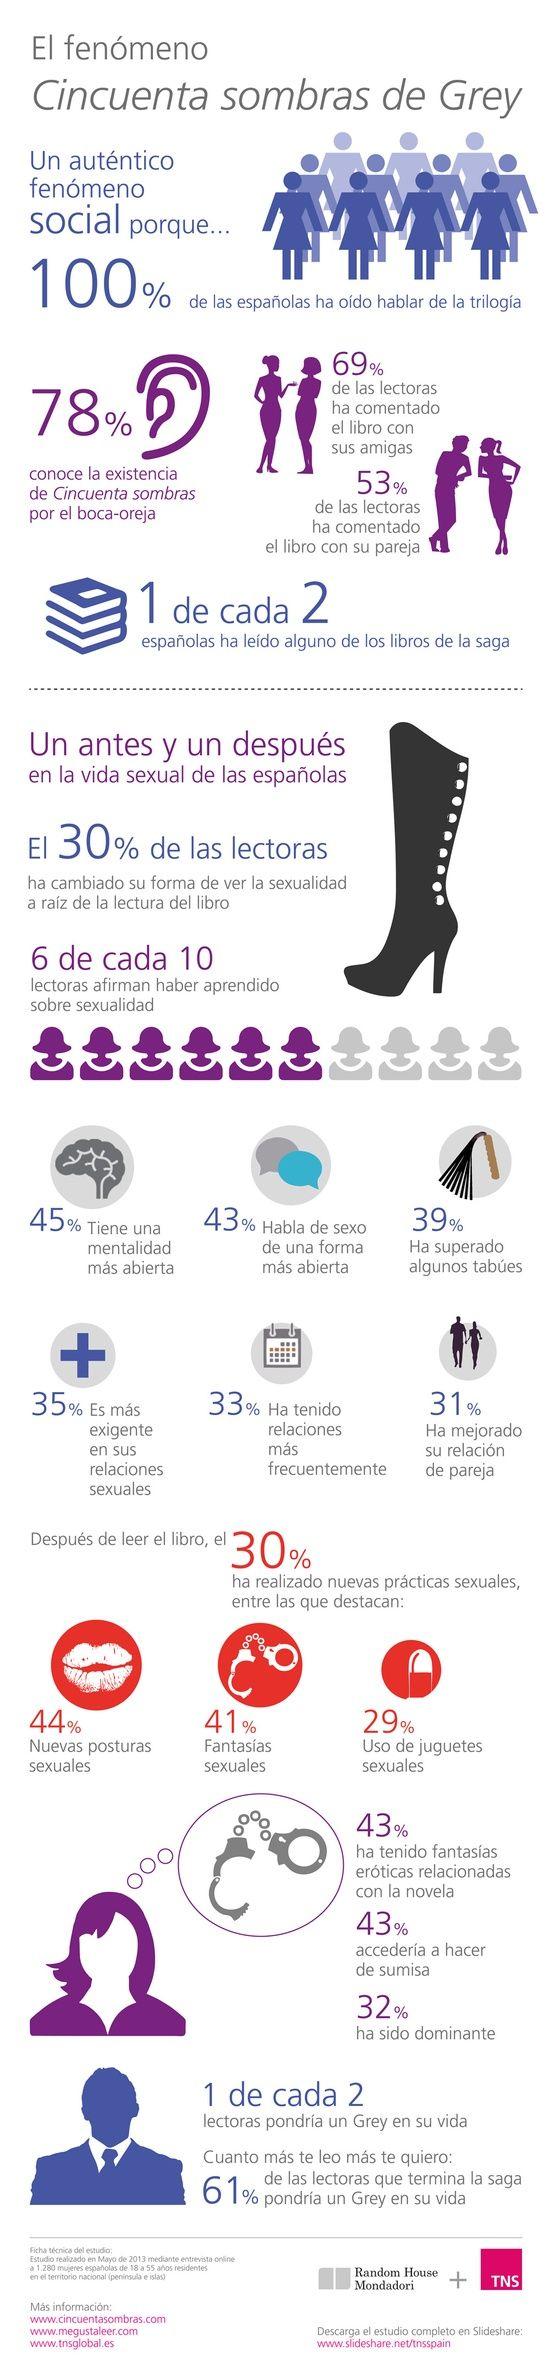 Cincuenta sombras de Grey. Creación de marca en el mundo editorial - TNS España Brand & Communication BLOG